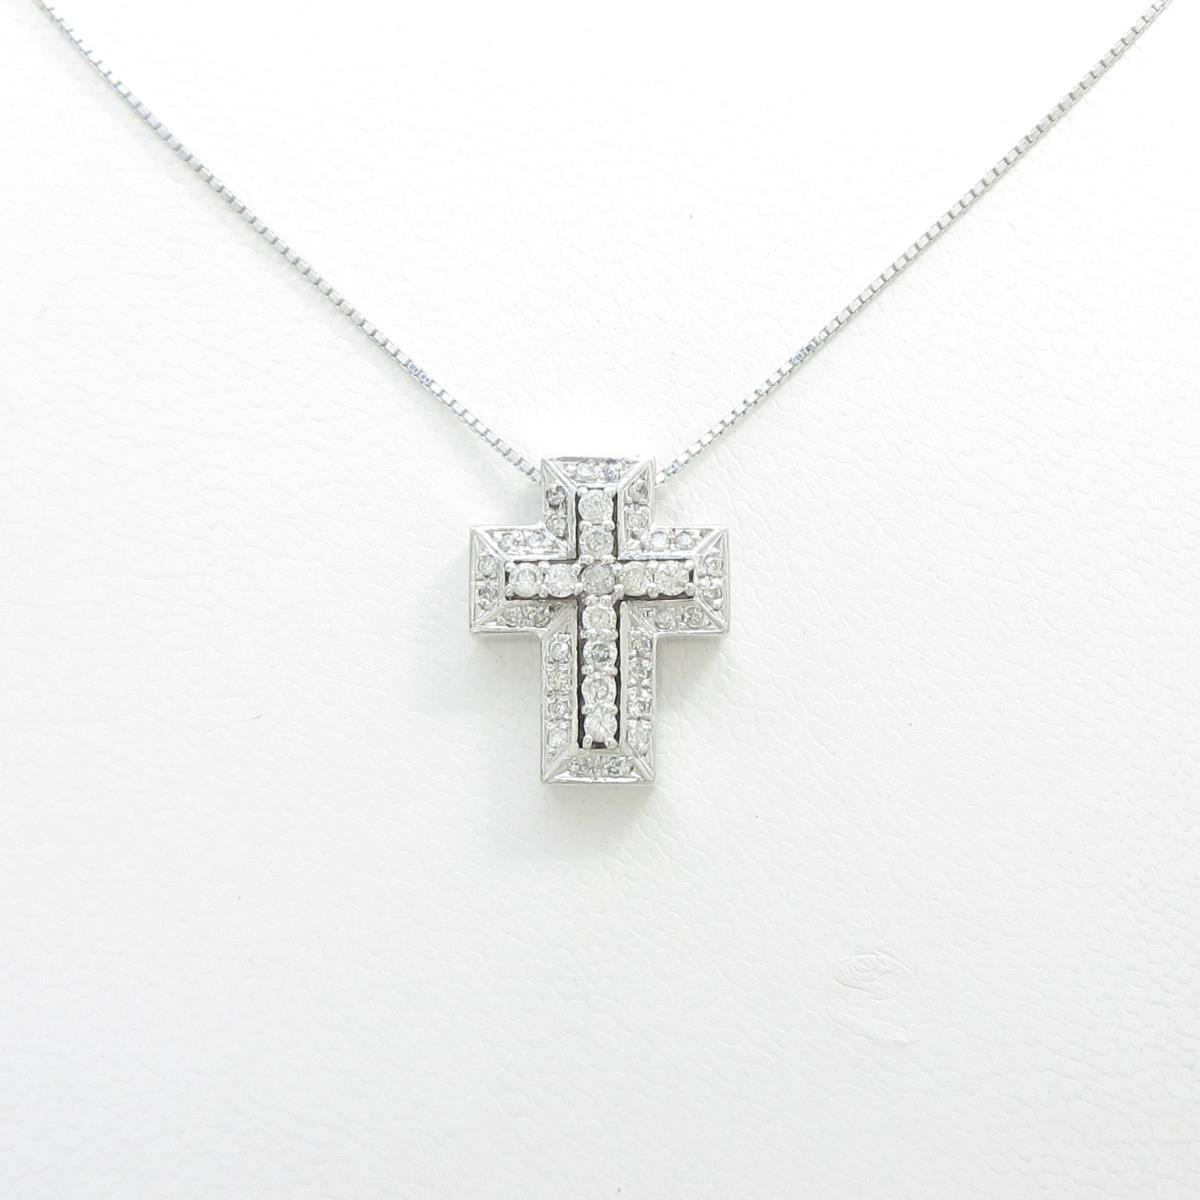 K14WG クロス ダイヤモンドネックレス【中古】